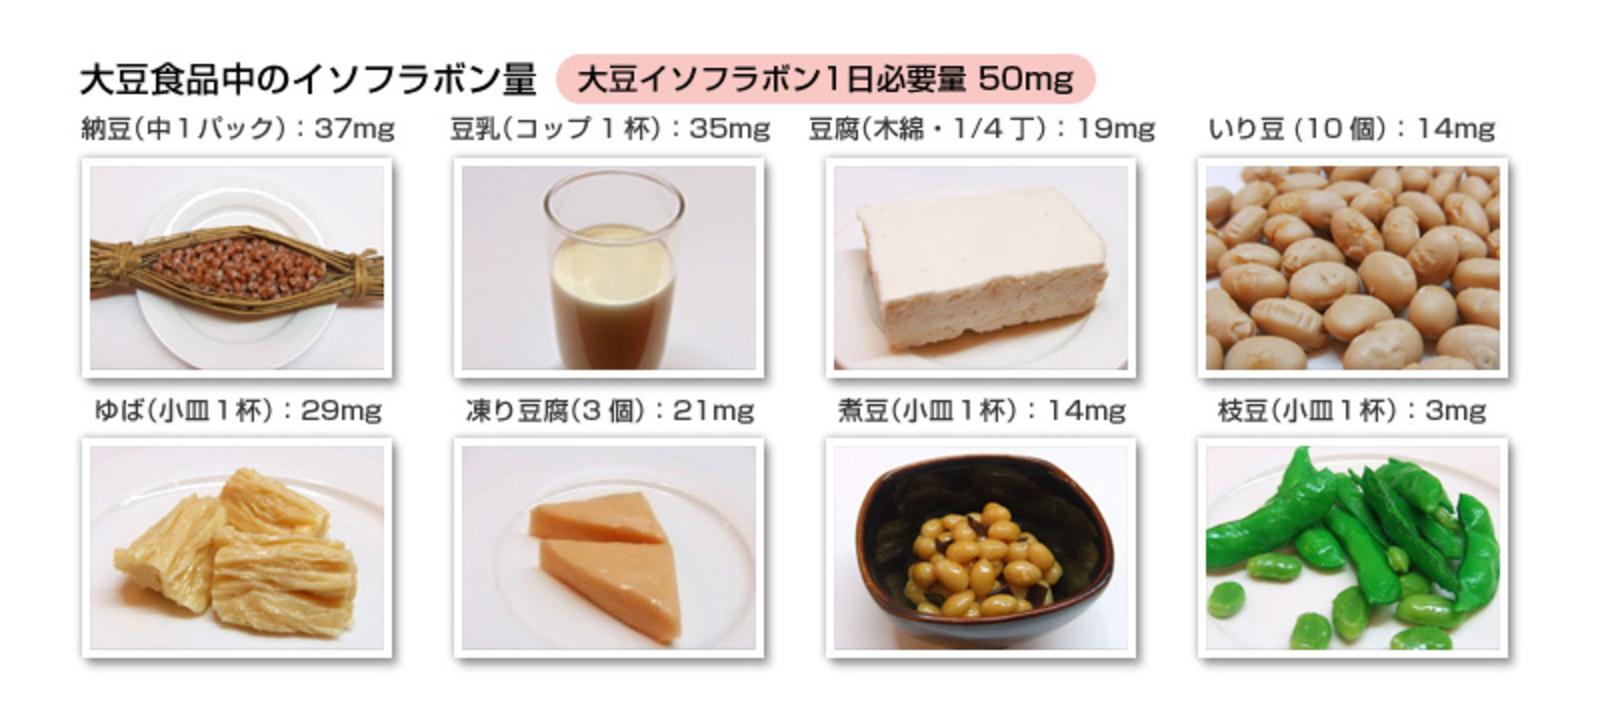 エクオールを多く含む食品